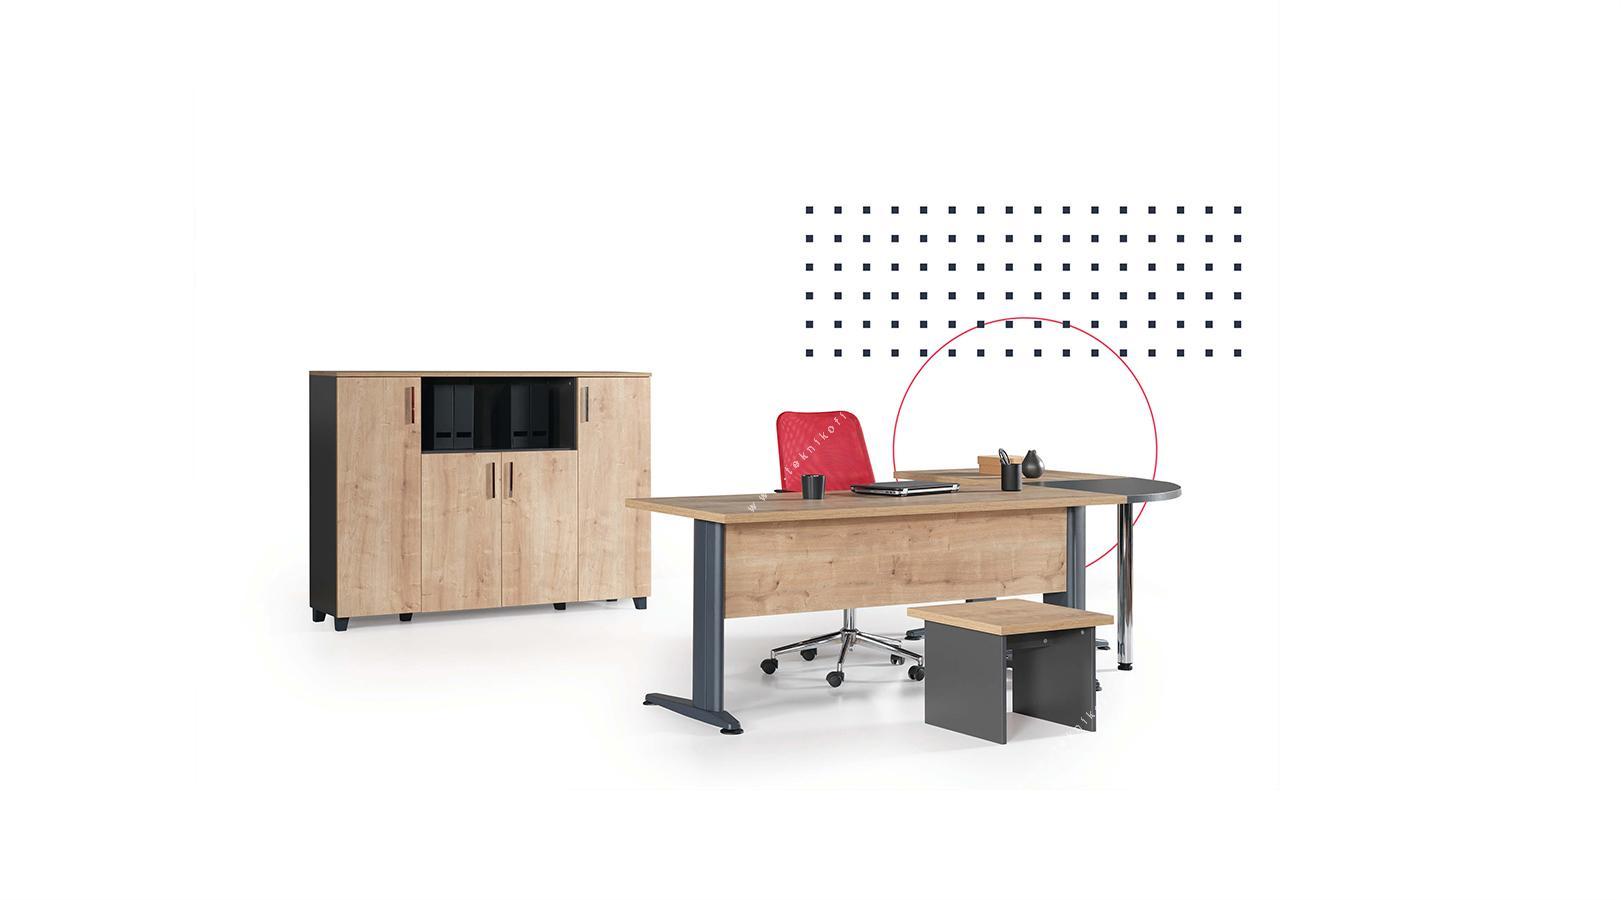 spur çalışma masa takımı 160cm